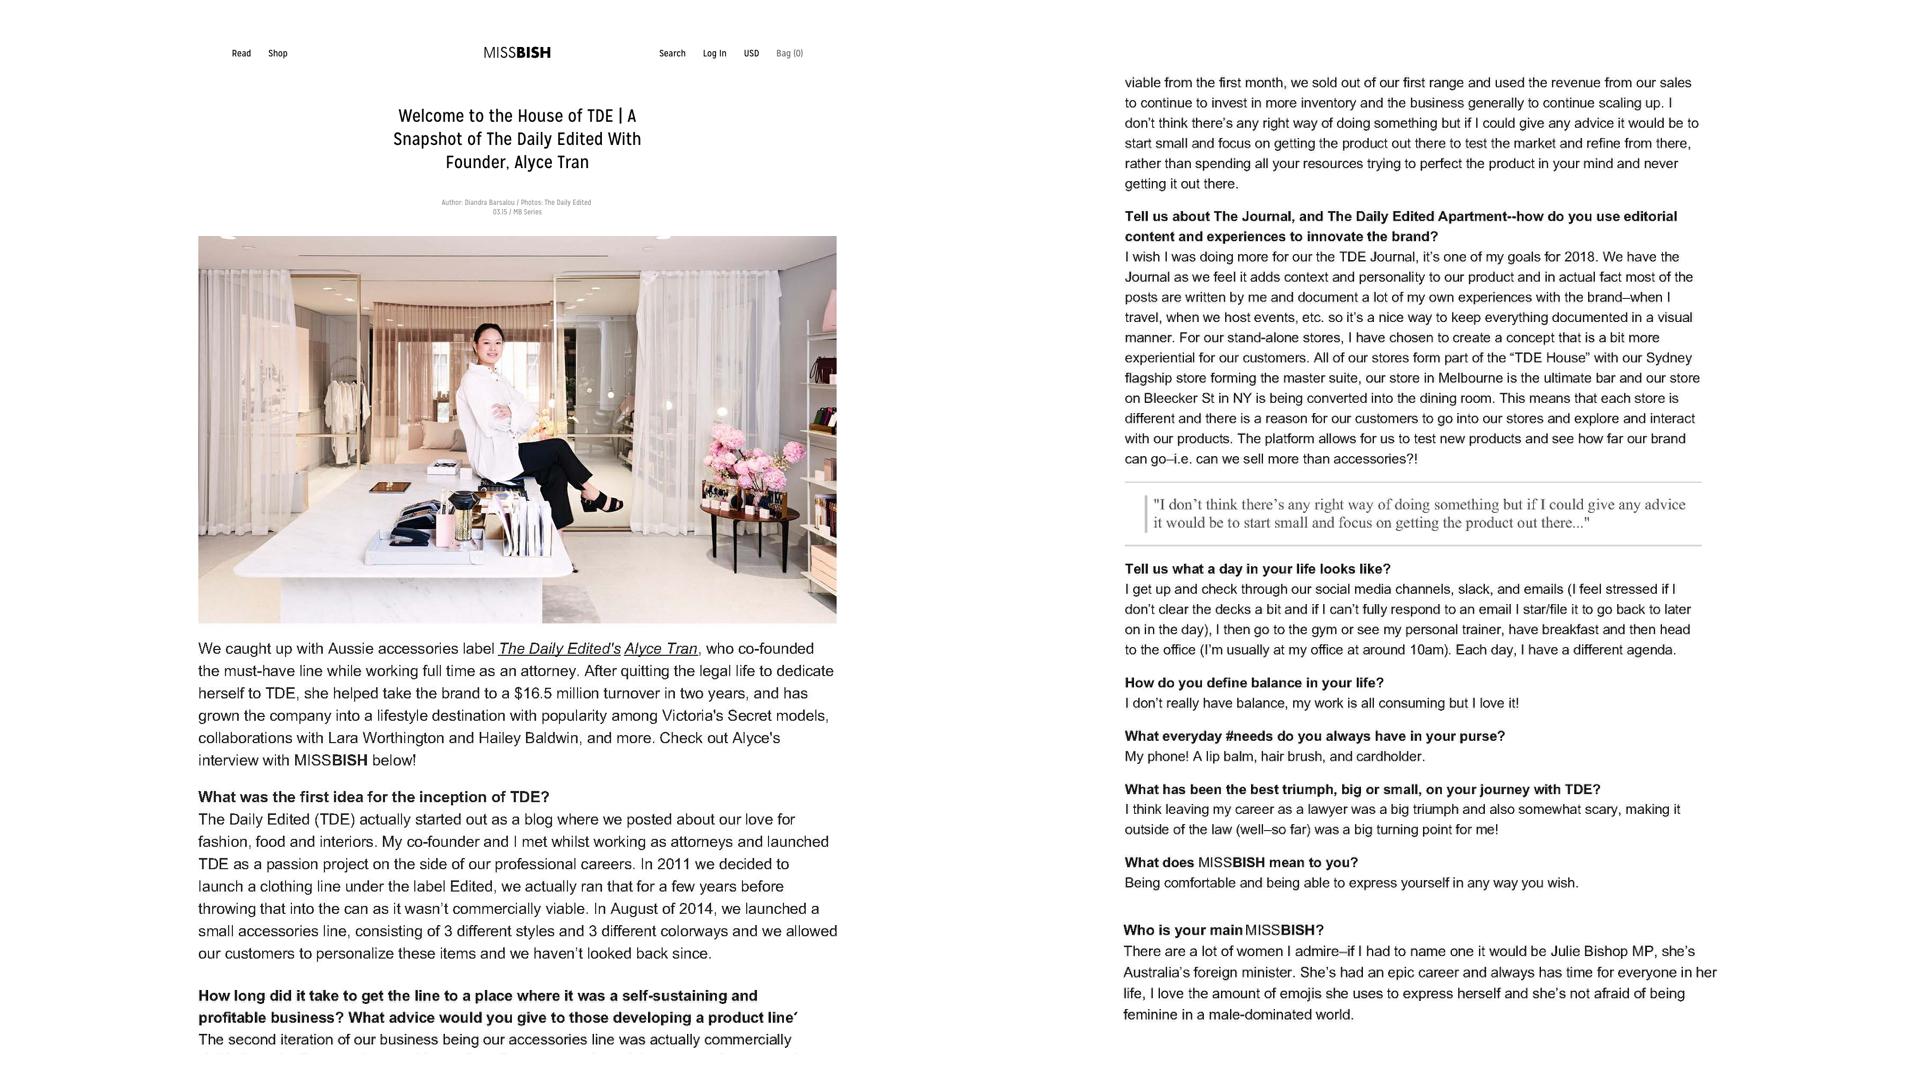 Editorial_A_Snapshot_of_TDE_AlyceTran.001.jpg